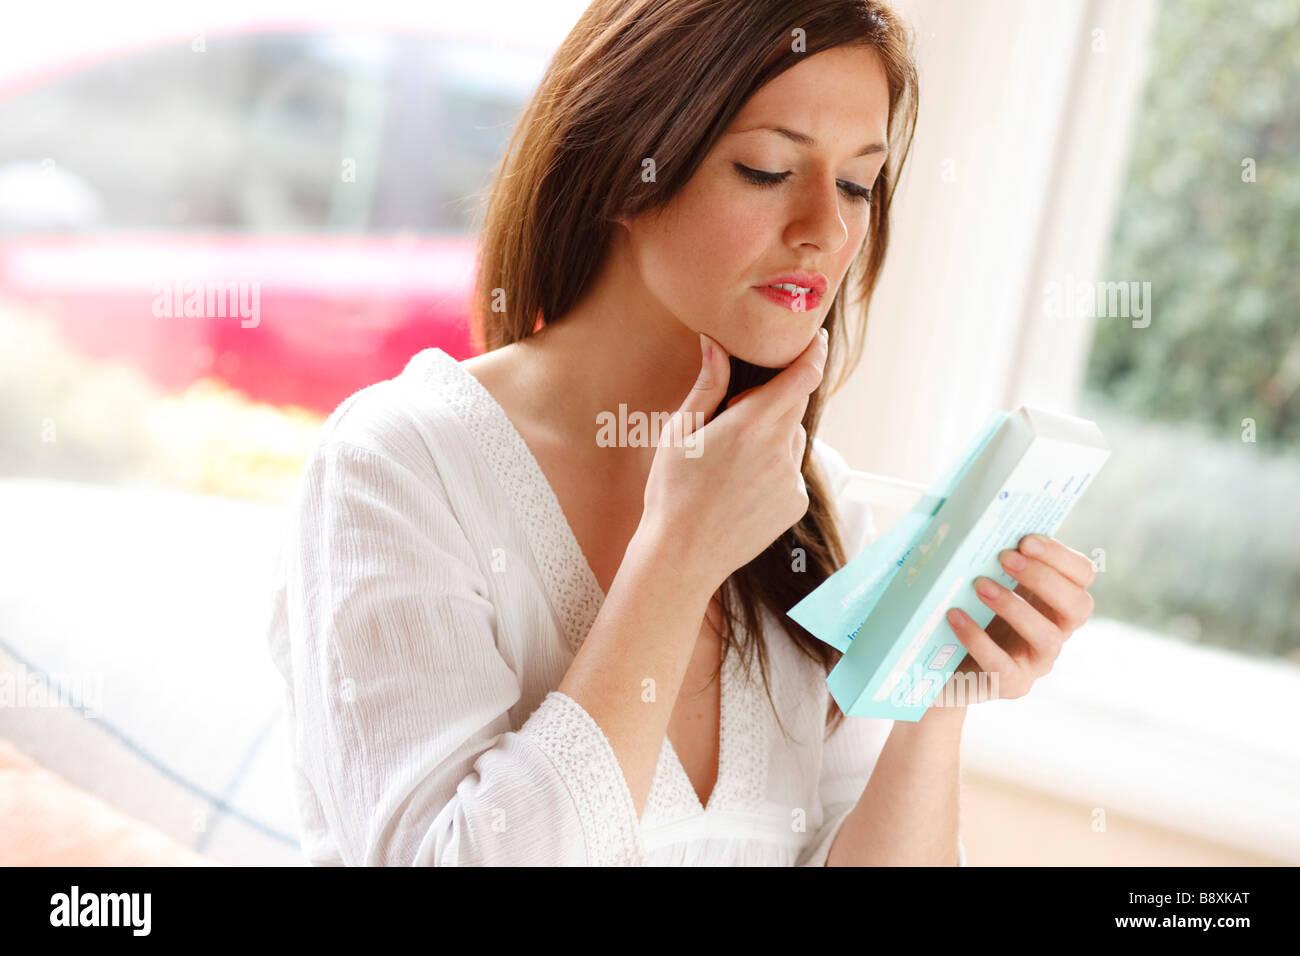 Femme à la recherche de résultats de test de grossesse Photo Stock